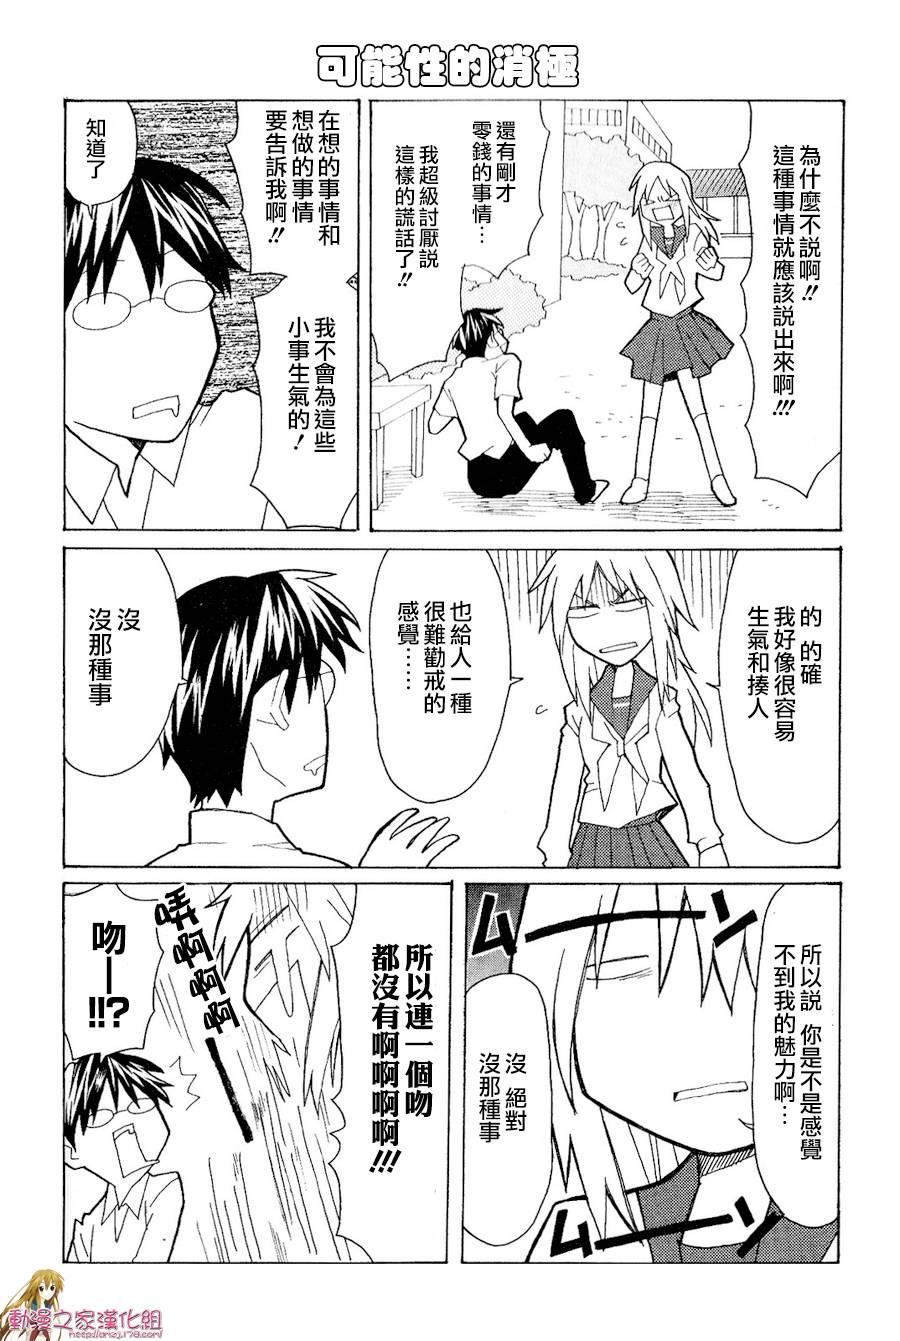 【漫画】我的恶娇女友 #04-06